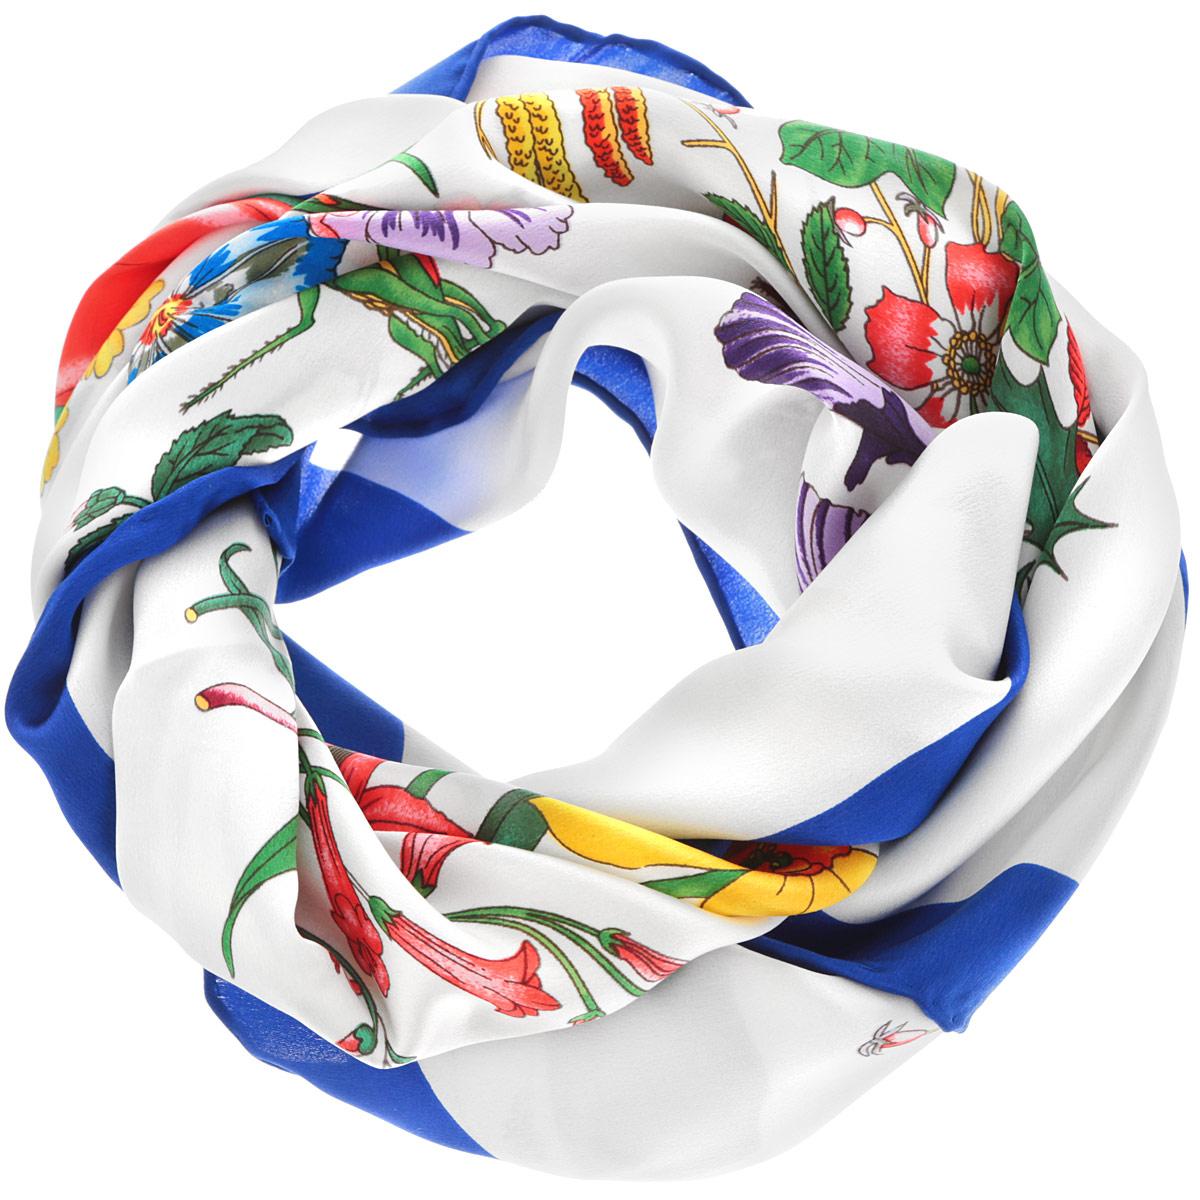 Платок женский. ЖПП15024_5ЖПП15024_5Стильный женский платок Piero станет великолепным завершением любого наряда. Платок изготовлен из натурального шелка и оформлен оригинальным цветочным принтом. Классическая квадратная форма позволяет носить платок на шее, украшать им прическу или декорировать сумочку. Такой платок превосходно дополнит любой наряд и подчеркнет ваш неповторимый вкус и элегантность.